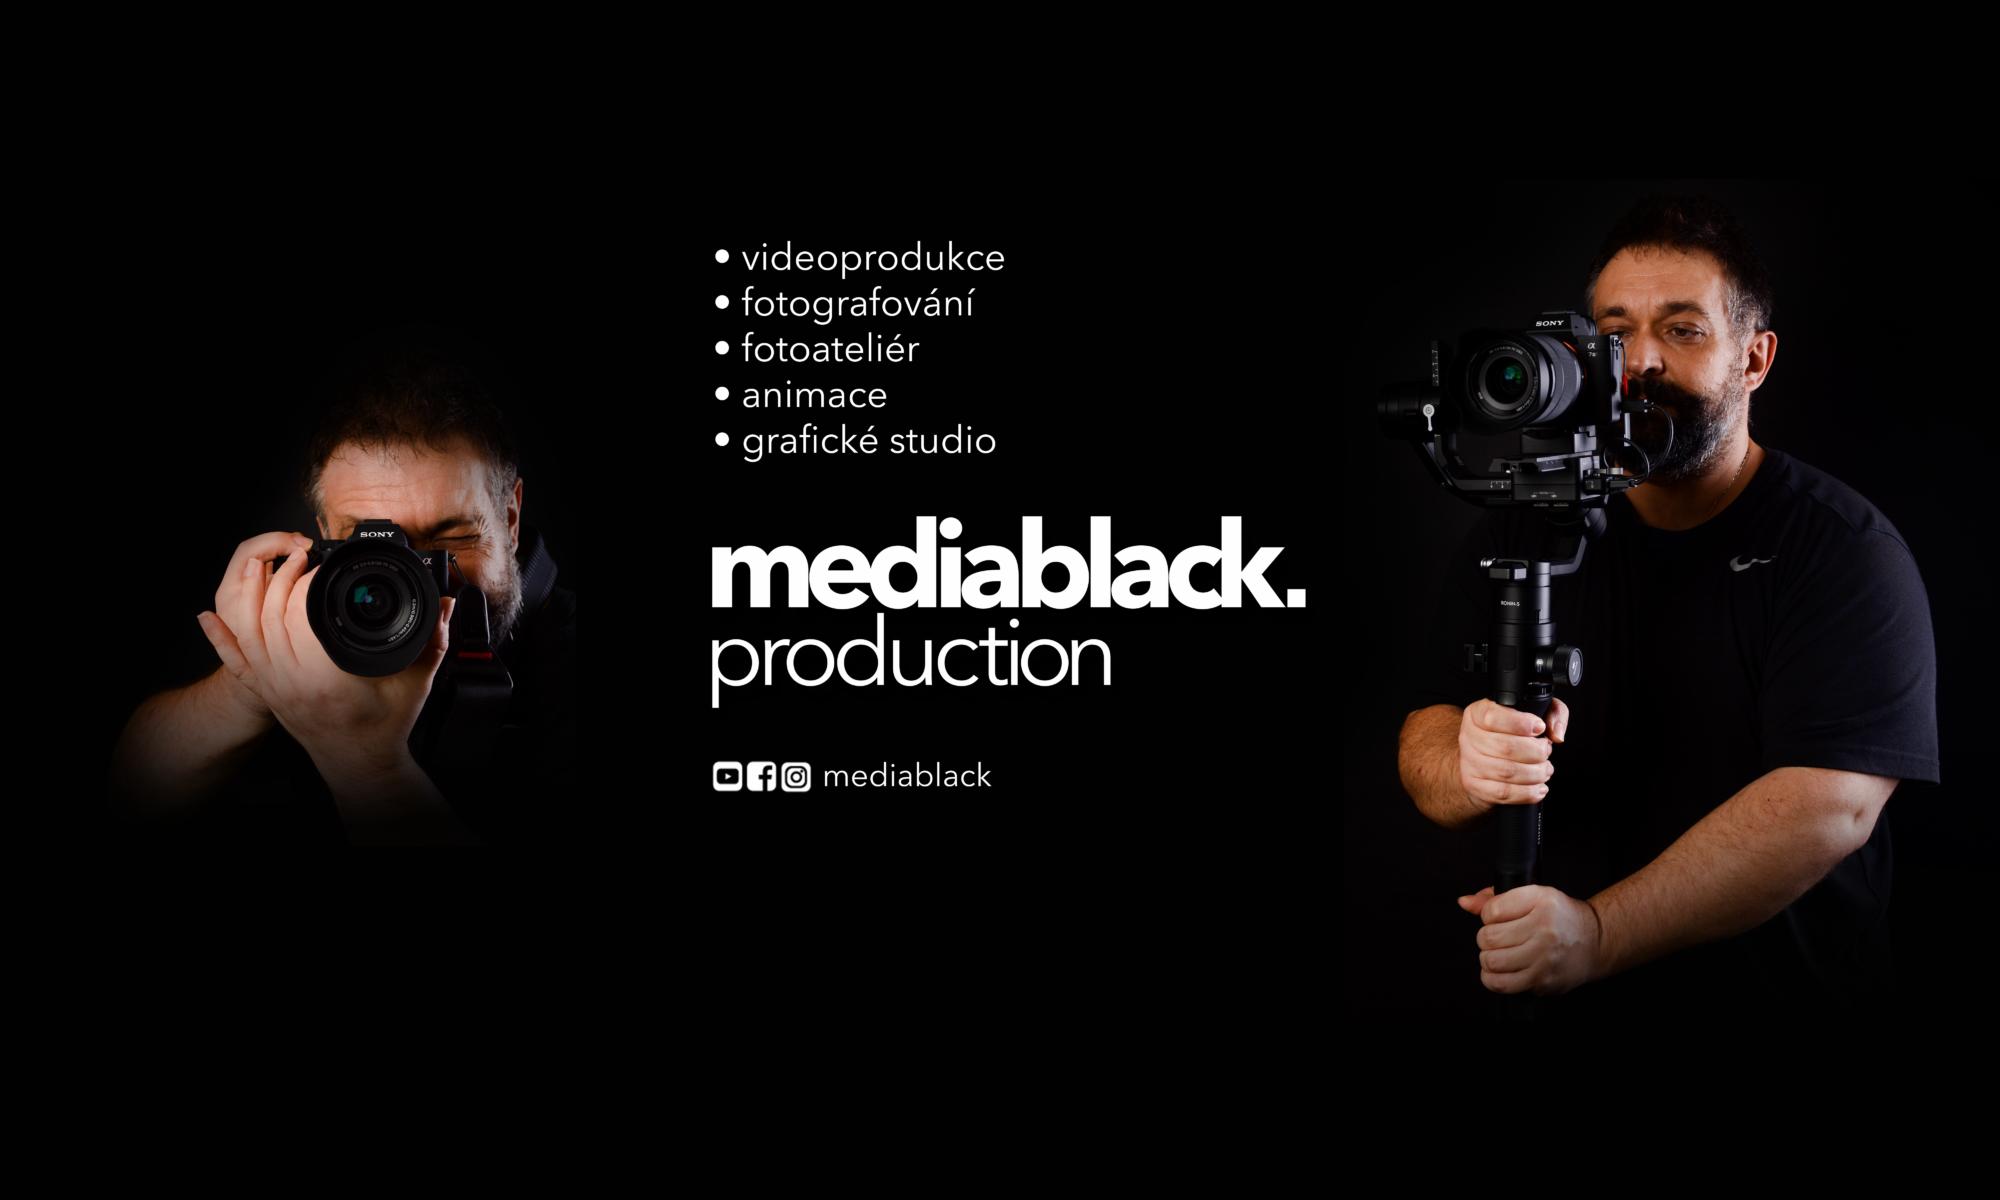 mediablack